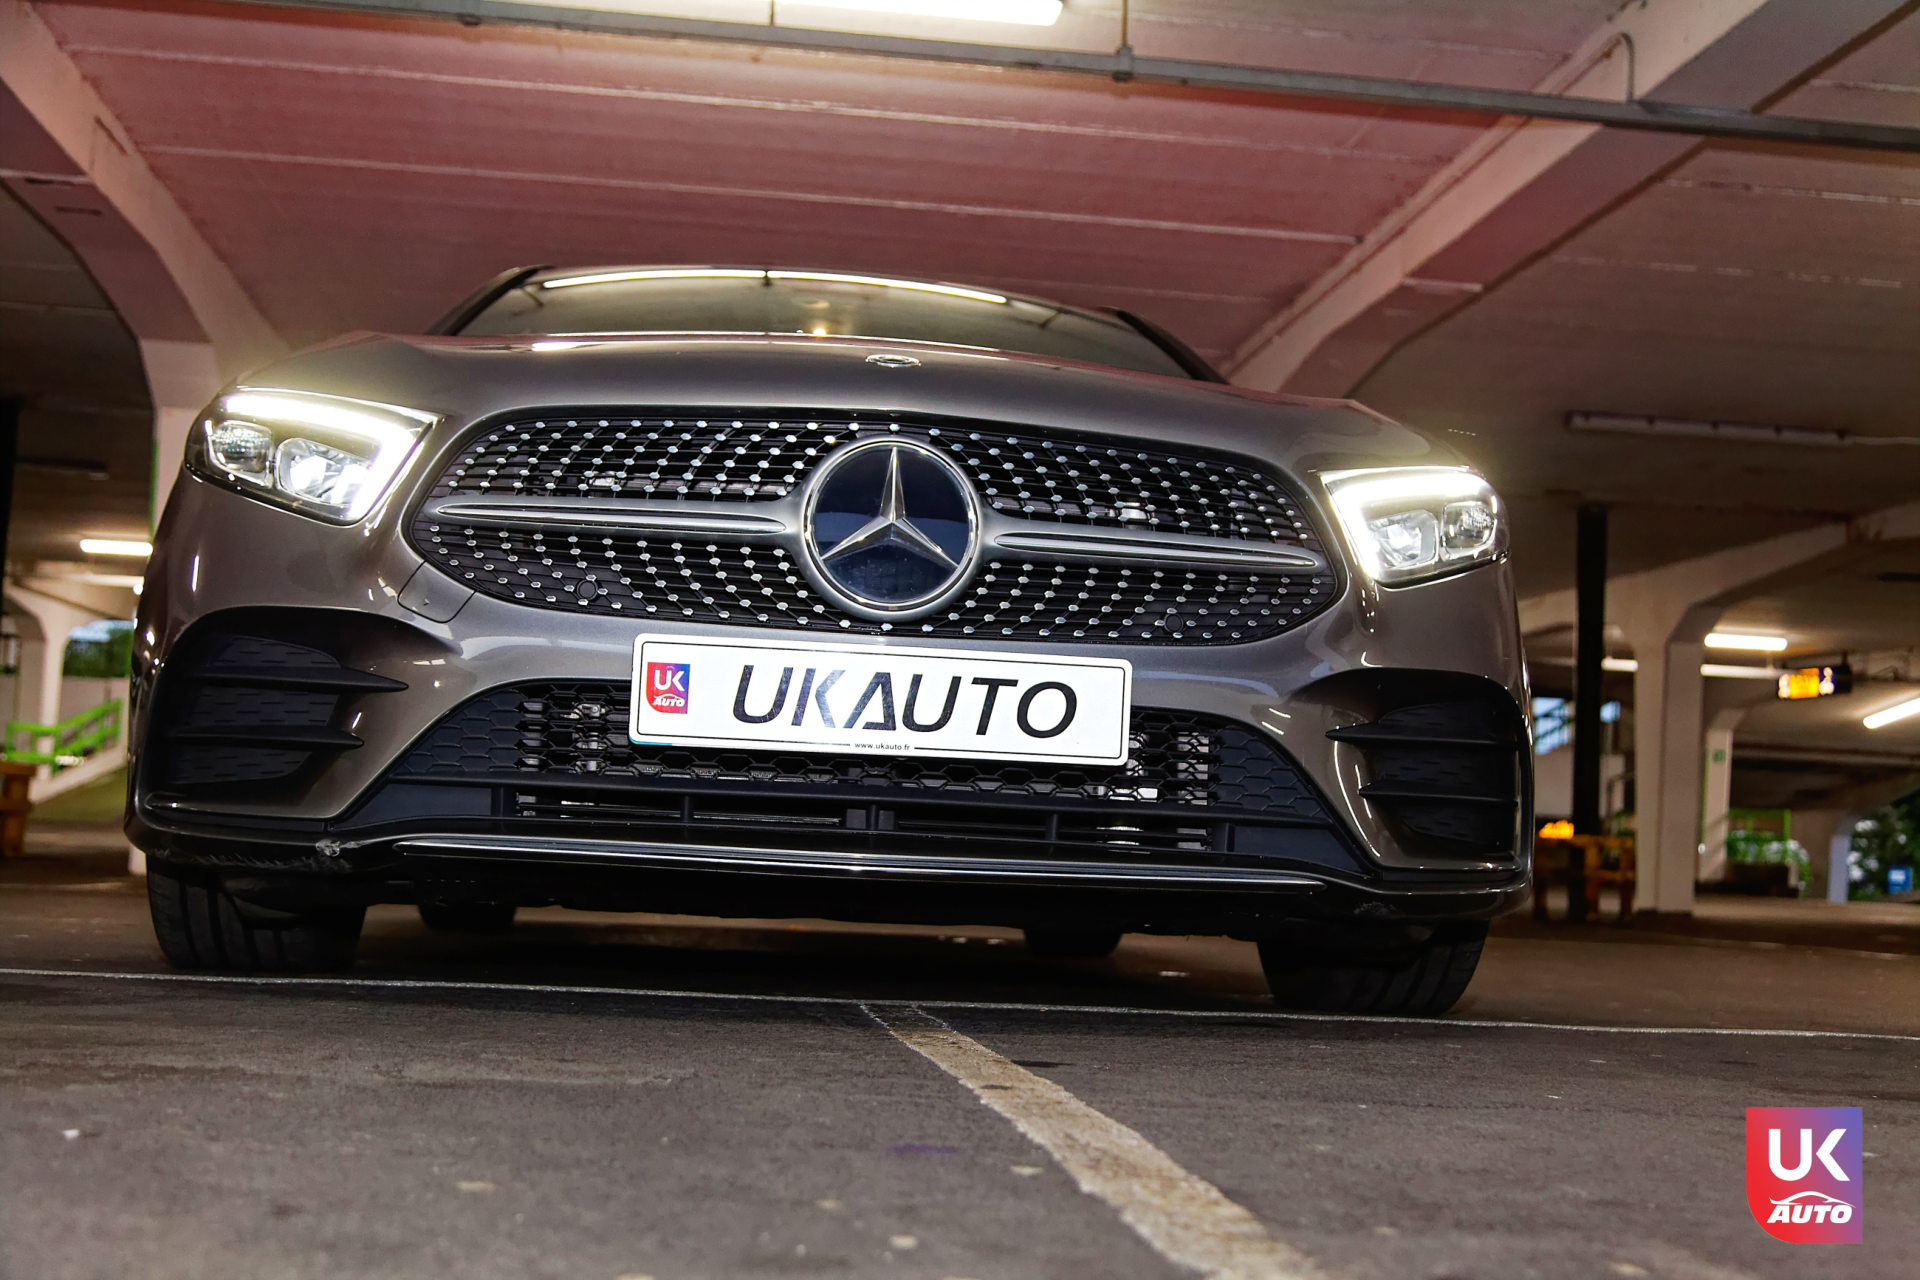 Mercedes uk mercedes angleterre mercedes a220 pack amg uk mercedes class a amg uk13 DxO - ACHAT ANGLETERRE MERCEDES C220 MERCEDES ANGLETERRE IMPORT UKAUTO.FR AUTOTRADER UK